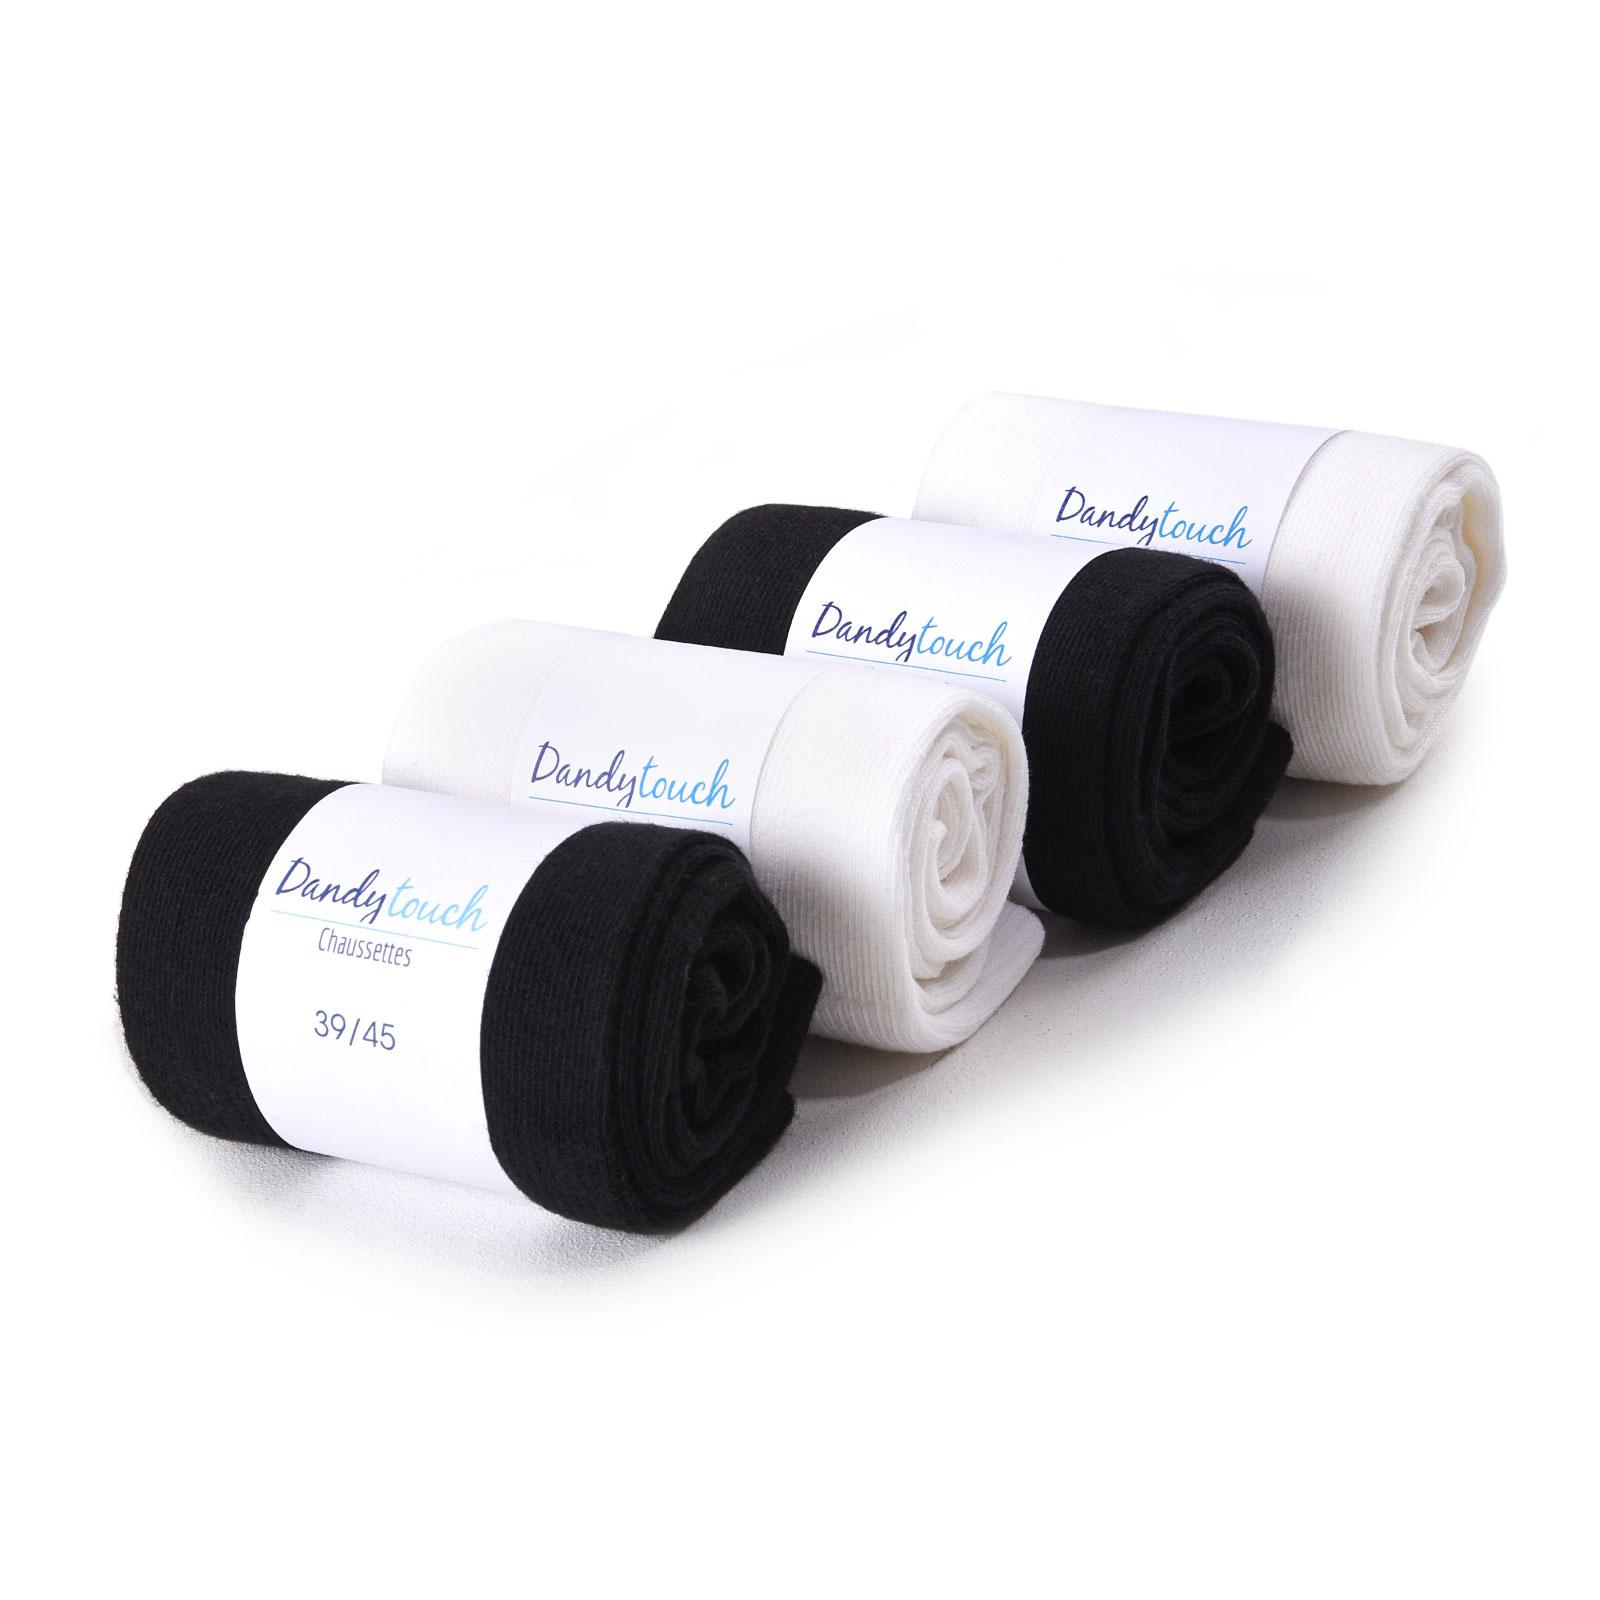 PK-00060-F16-chaussettes-noires-et-blanches